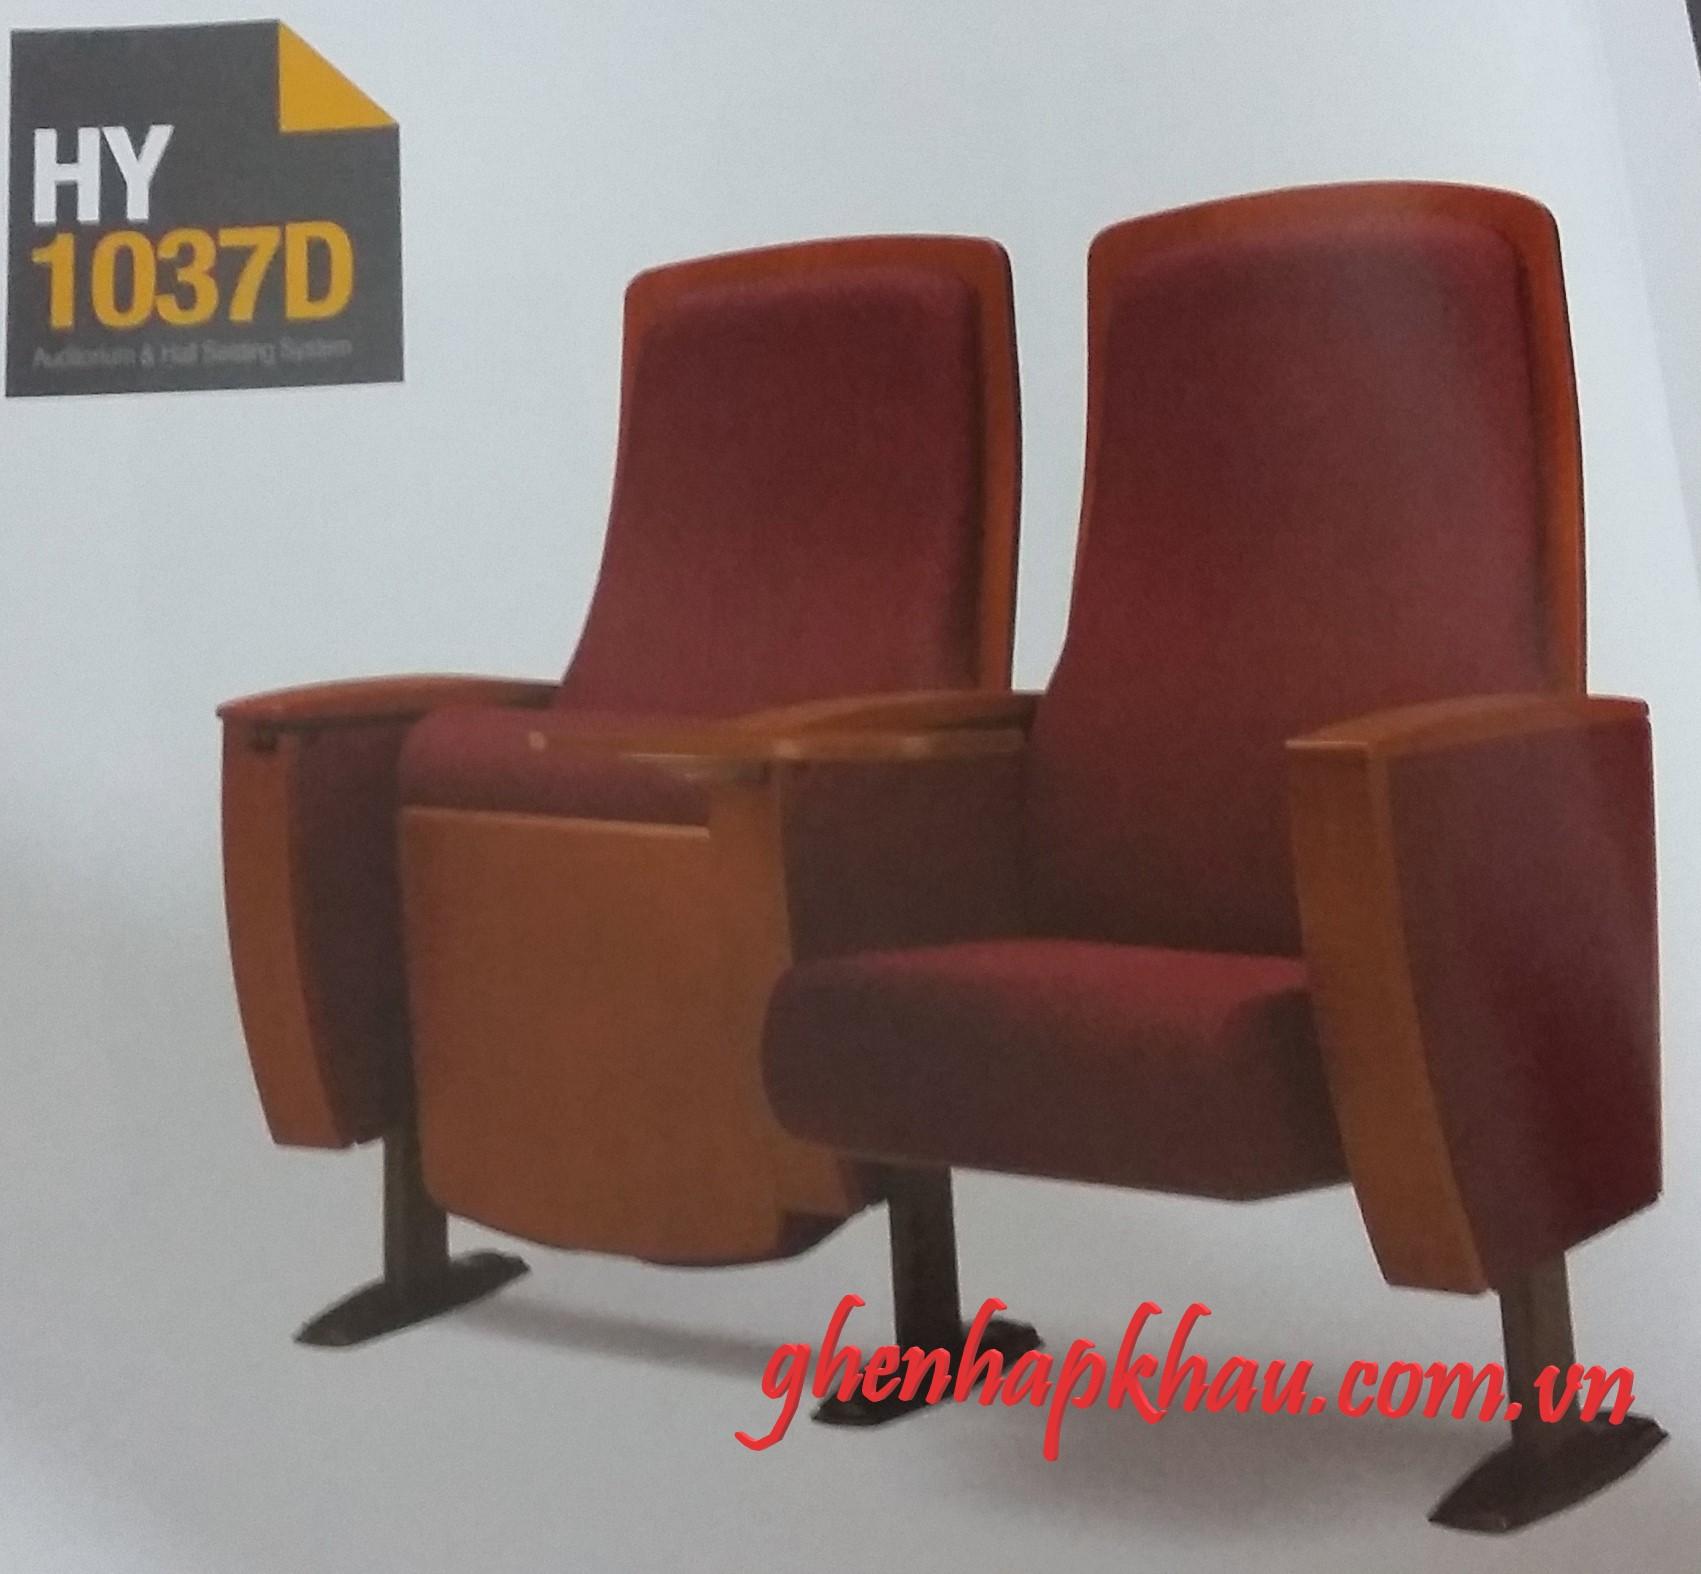 Ghế hội trường Hàn Quốc HY-1037D